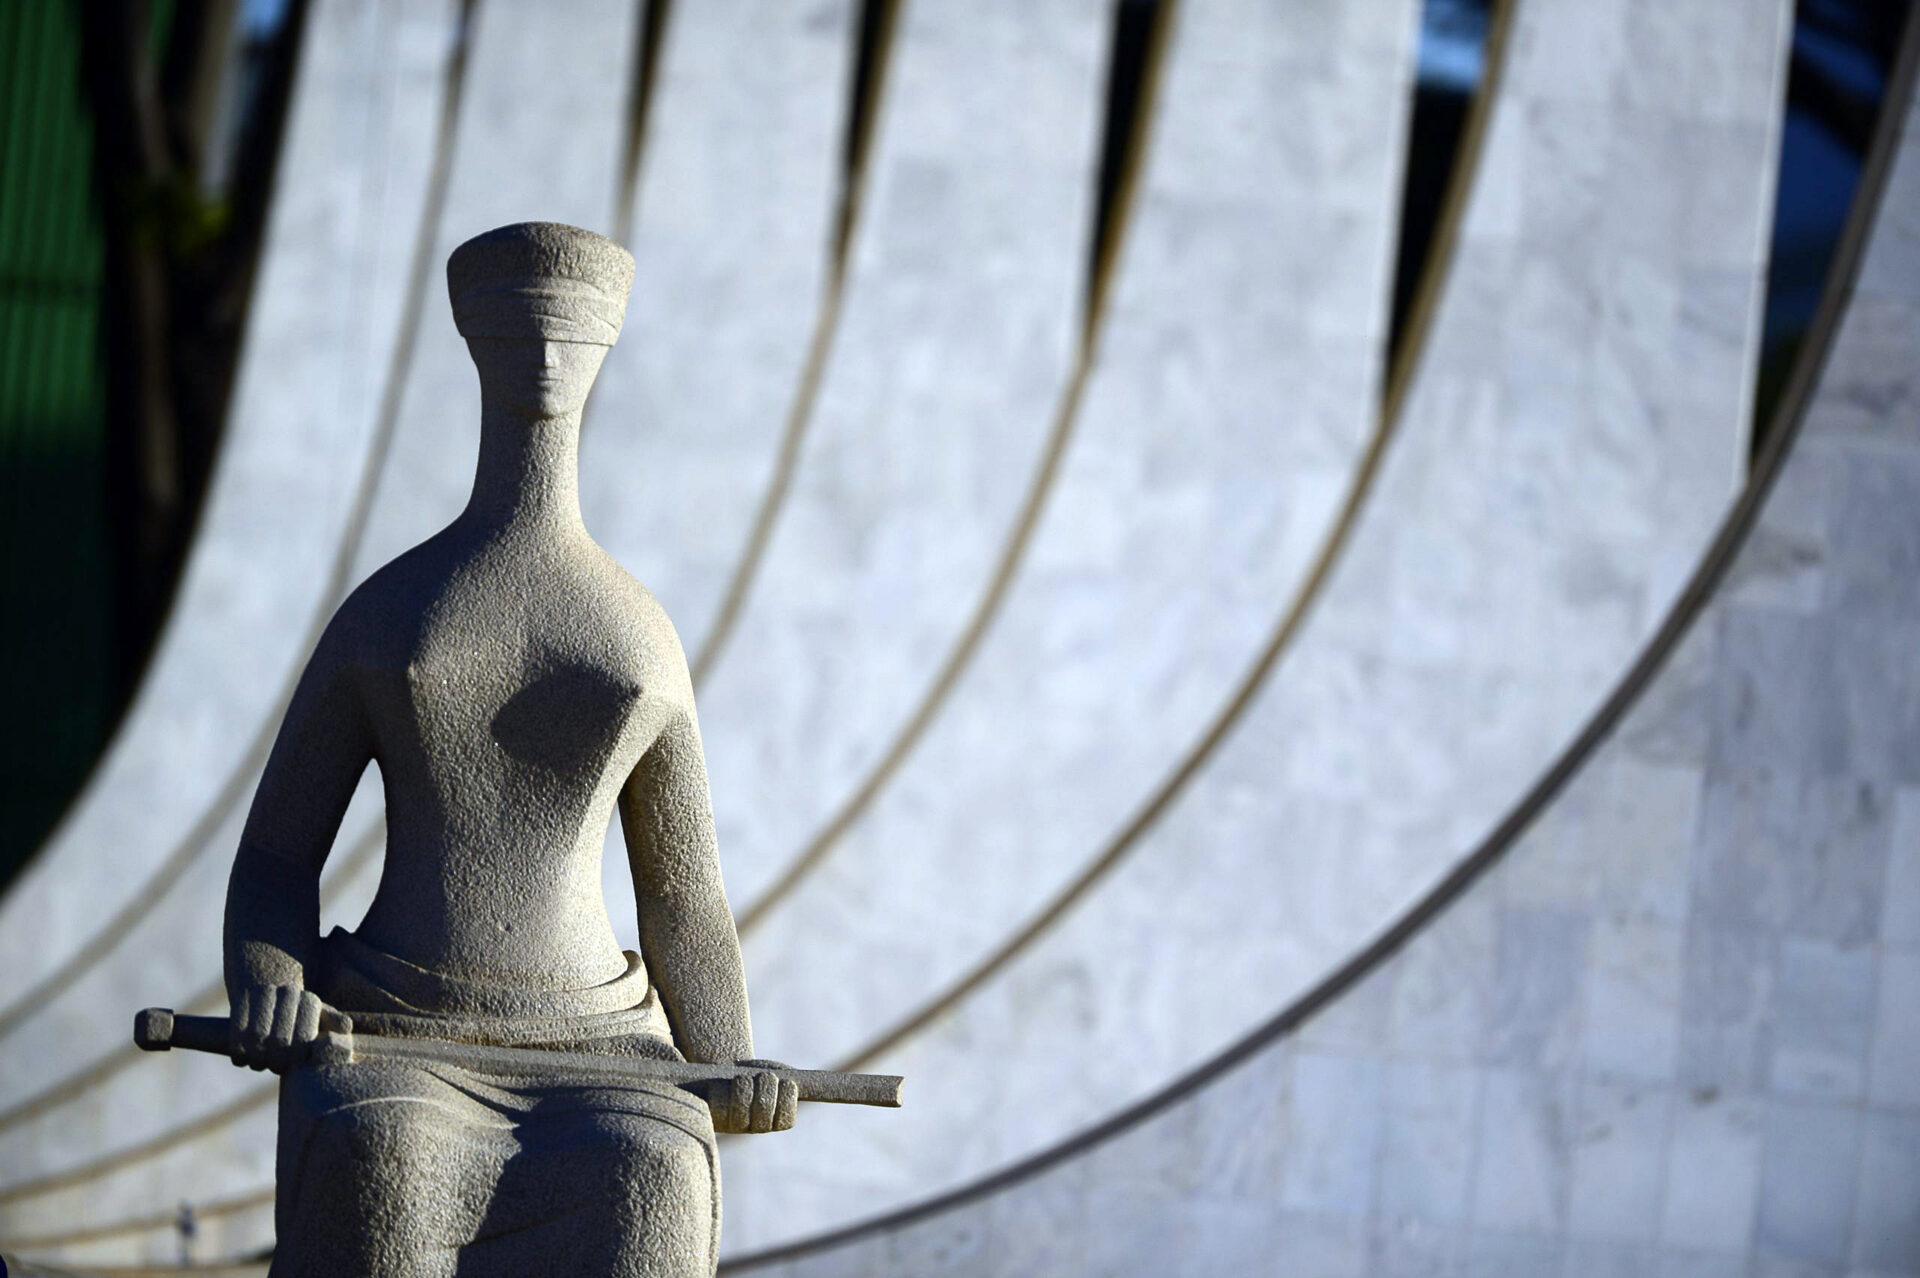 Murillo de Aragão: Ninguém manda no Brasil - Fundação Astrojildo Pereira